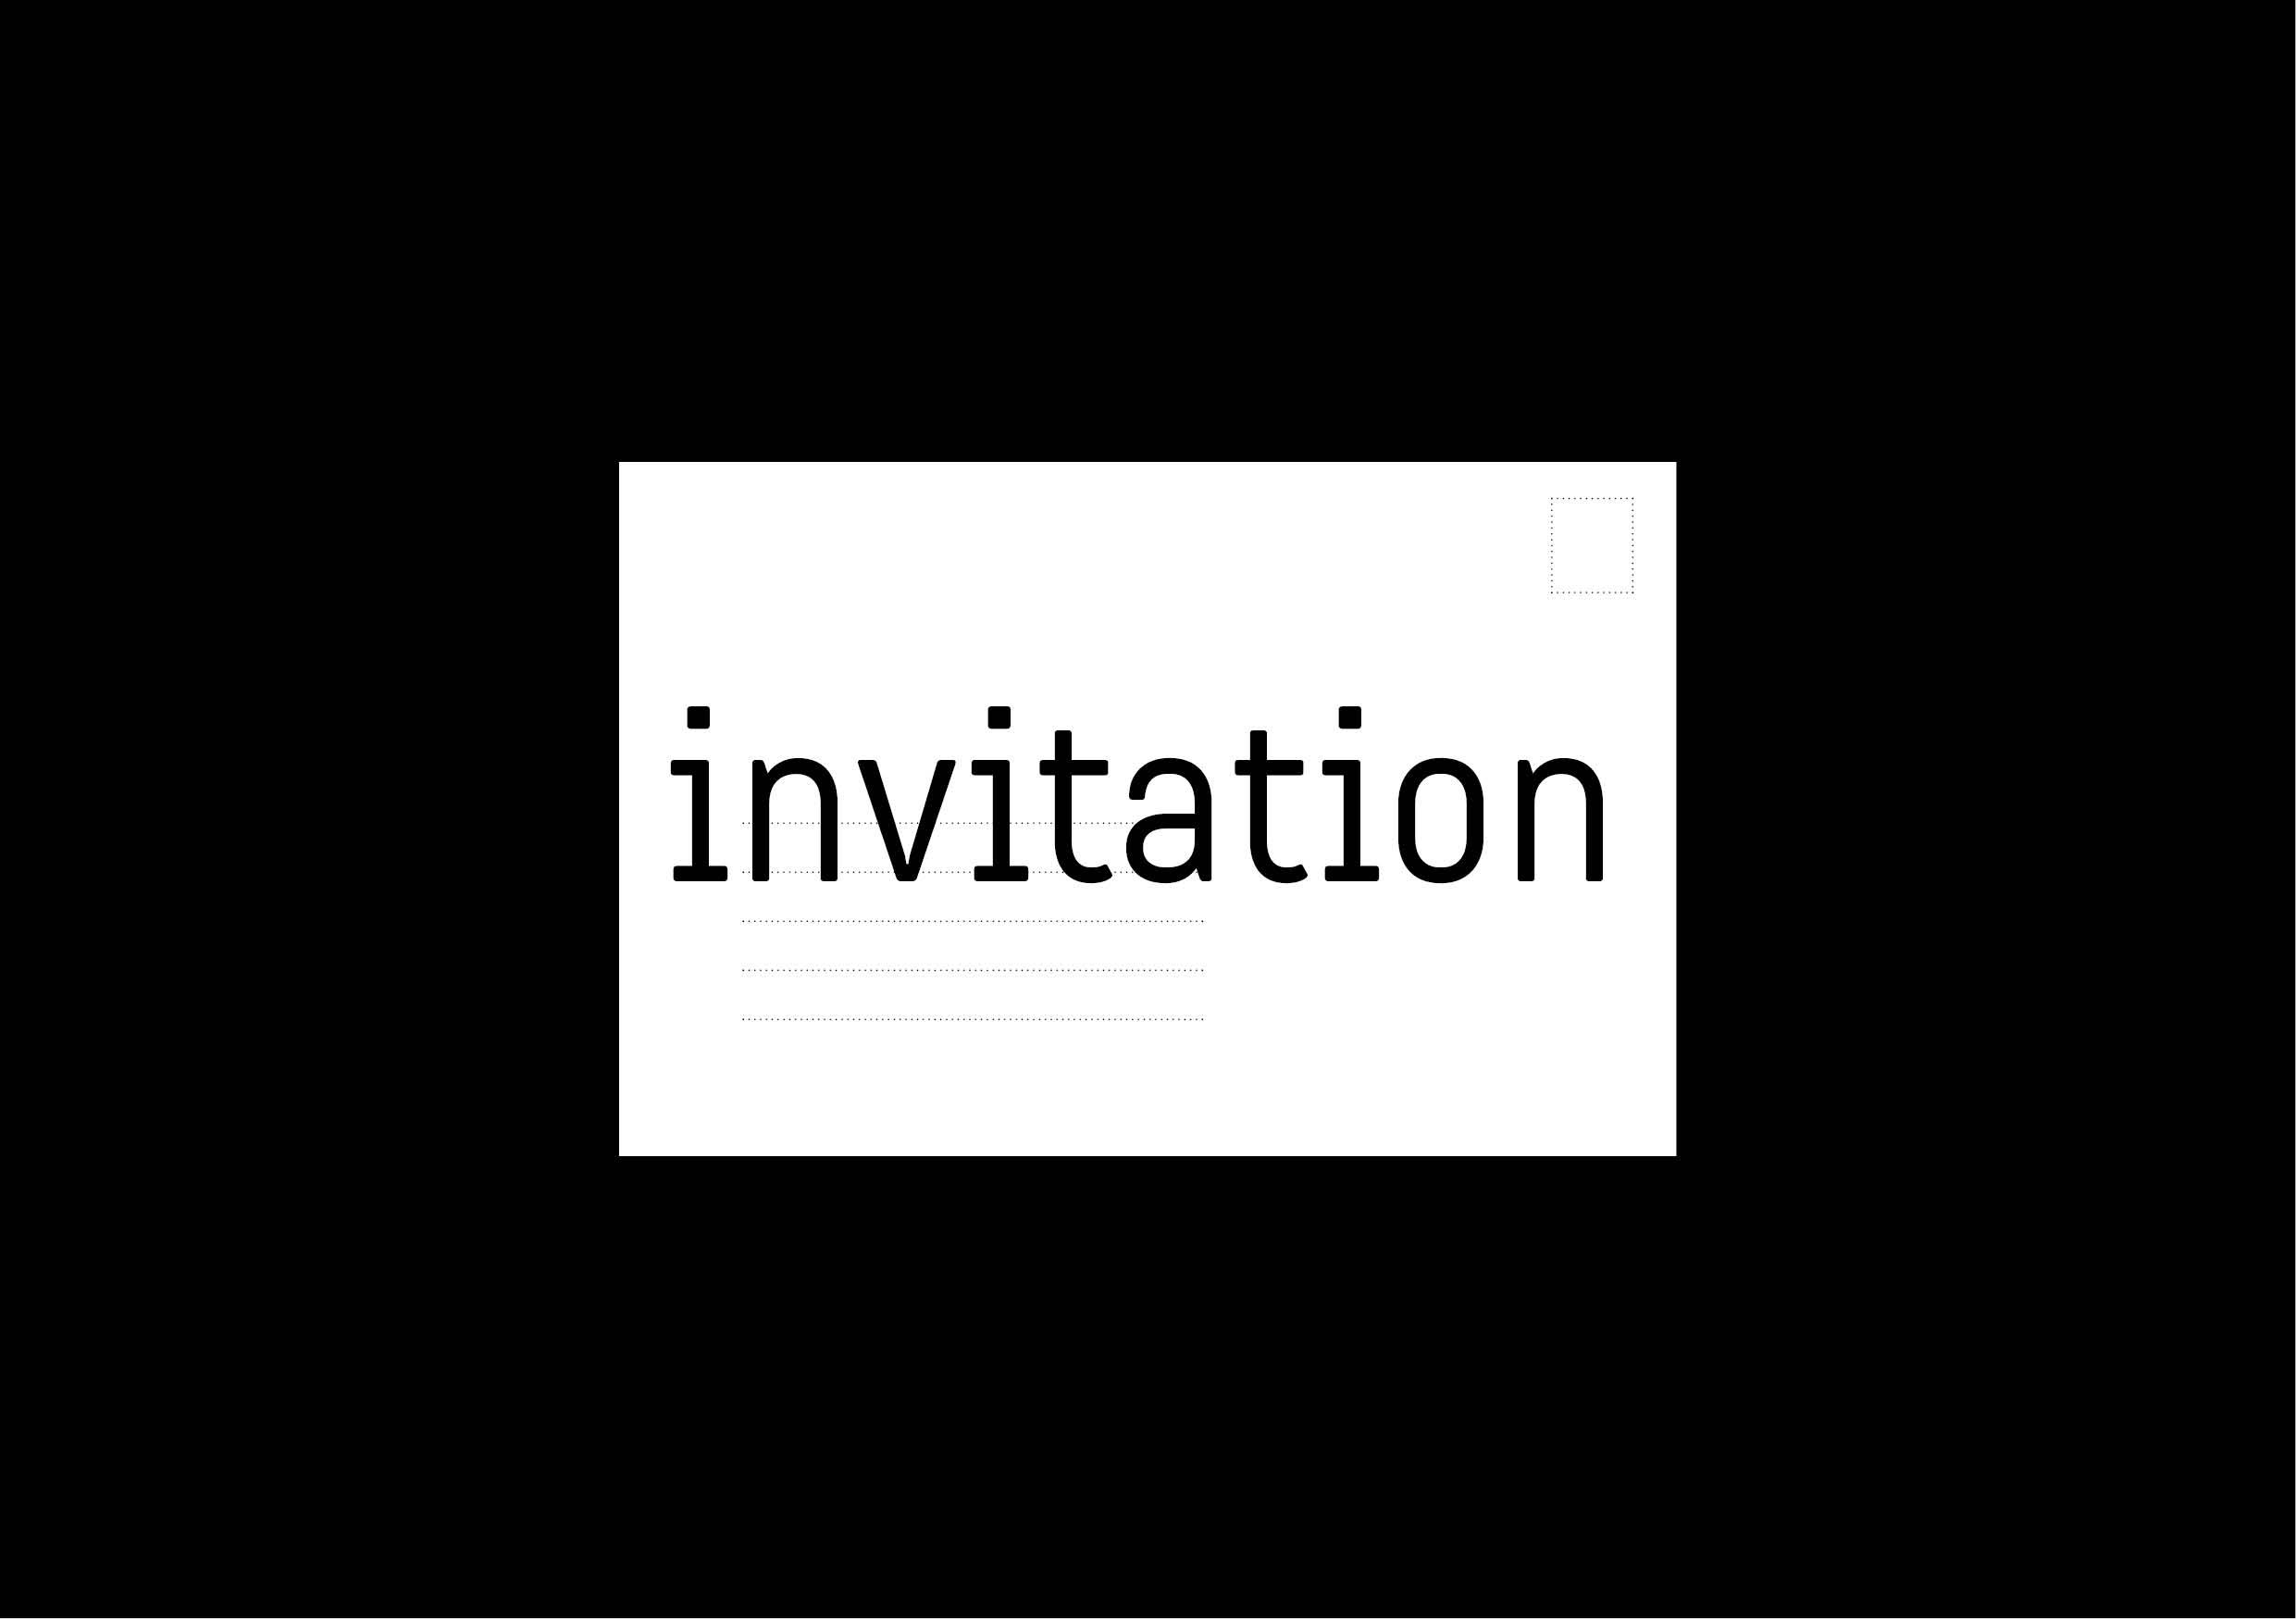 invitation_kisskiss-1459092366.jpg